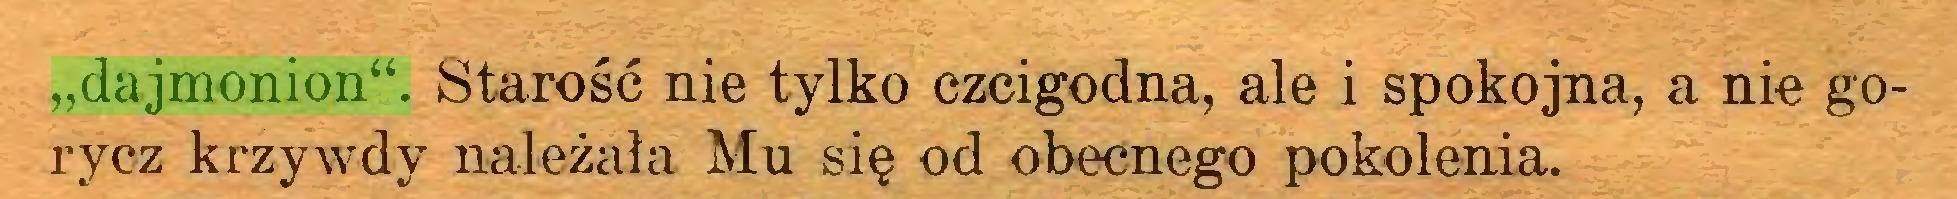 """(...) """"dajmonion"""". Starość nie tylko czcigodna, ale i spokojna, a nie gorycz krzywdy należała Mu się od obecnego pokolenia..."""